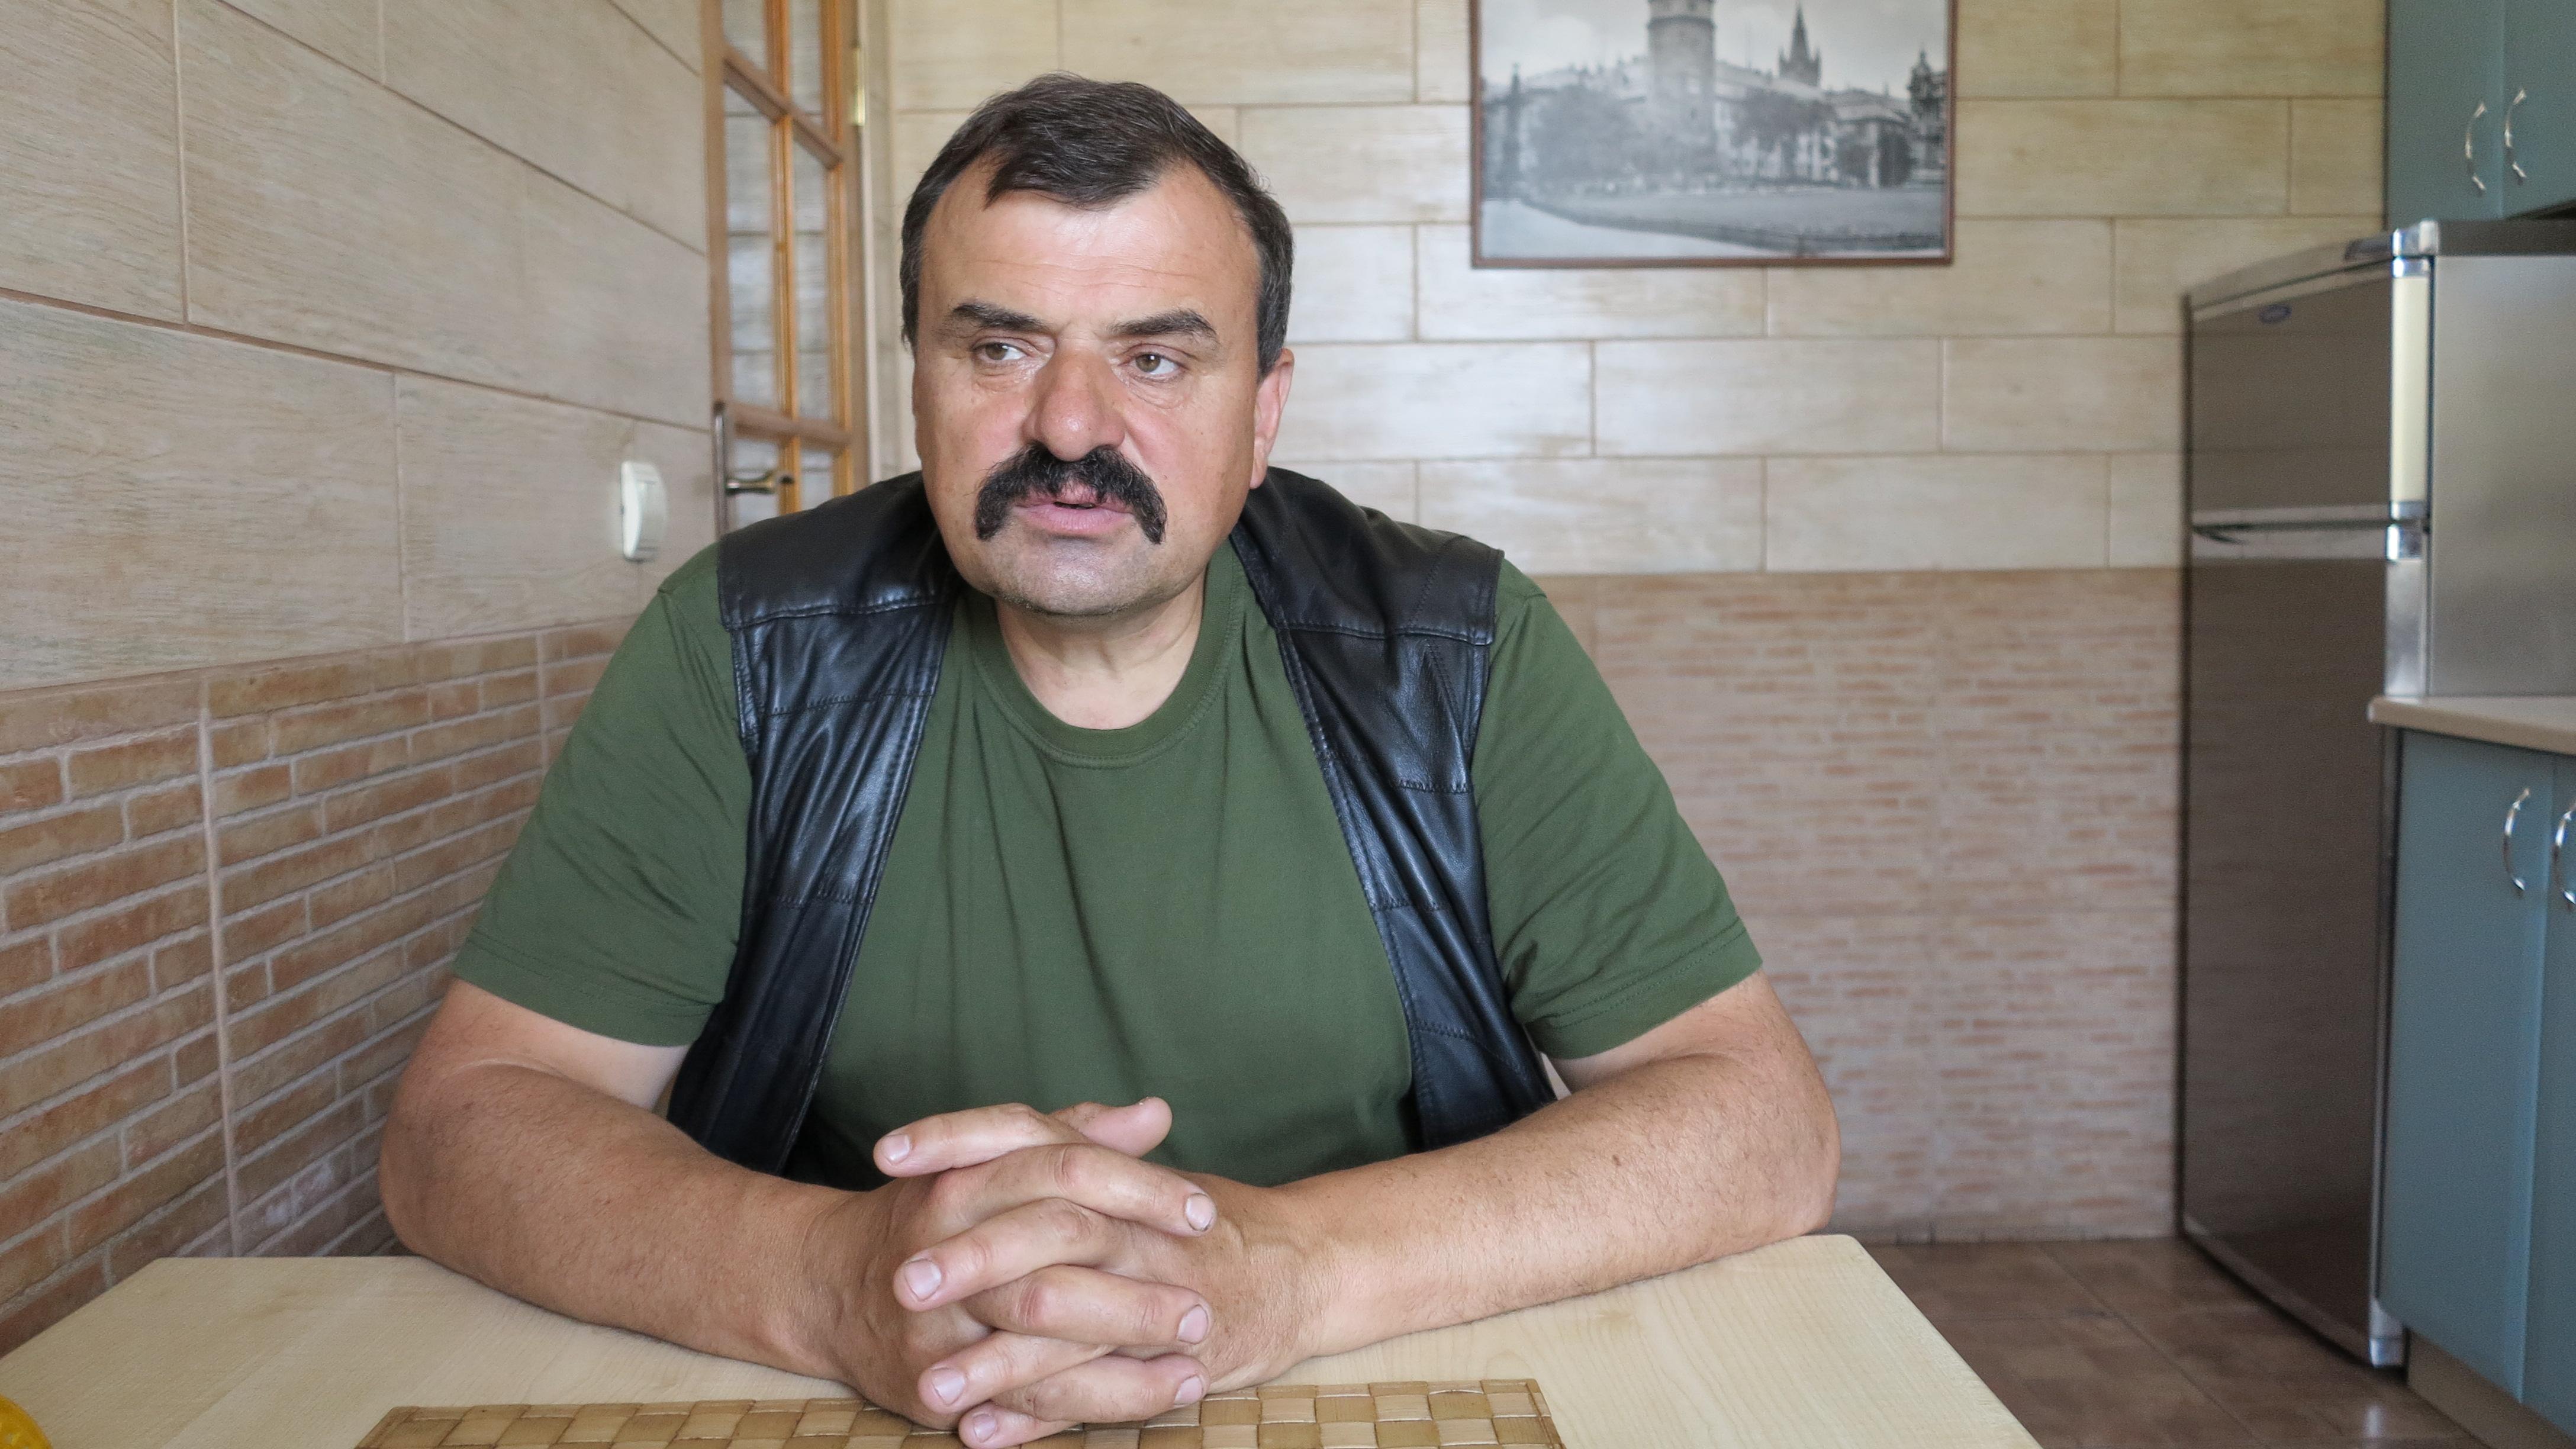 IMG_5567-1 Эвакуация в тюрьму. Рудников требует наказать четверых сотрудников ФСБ